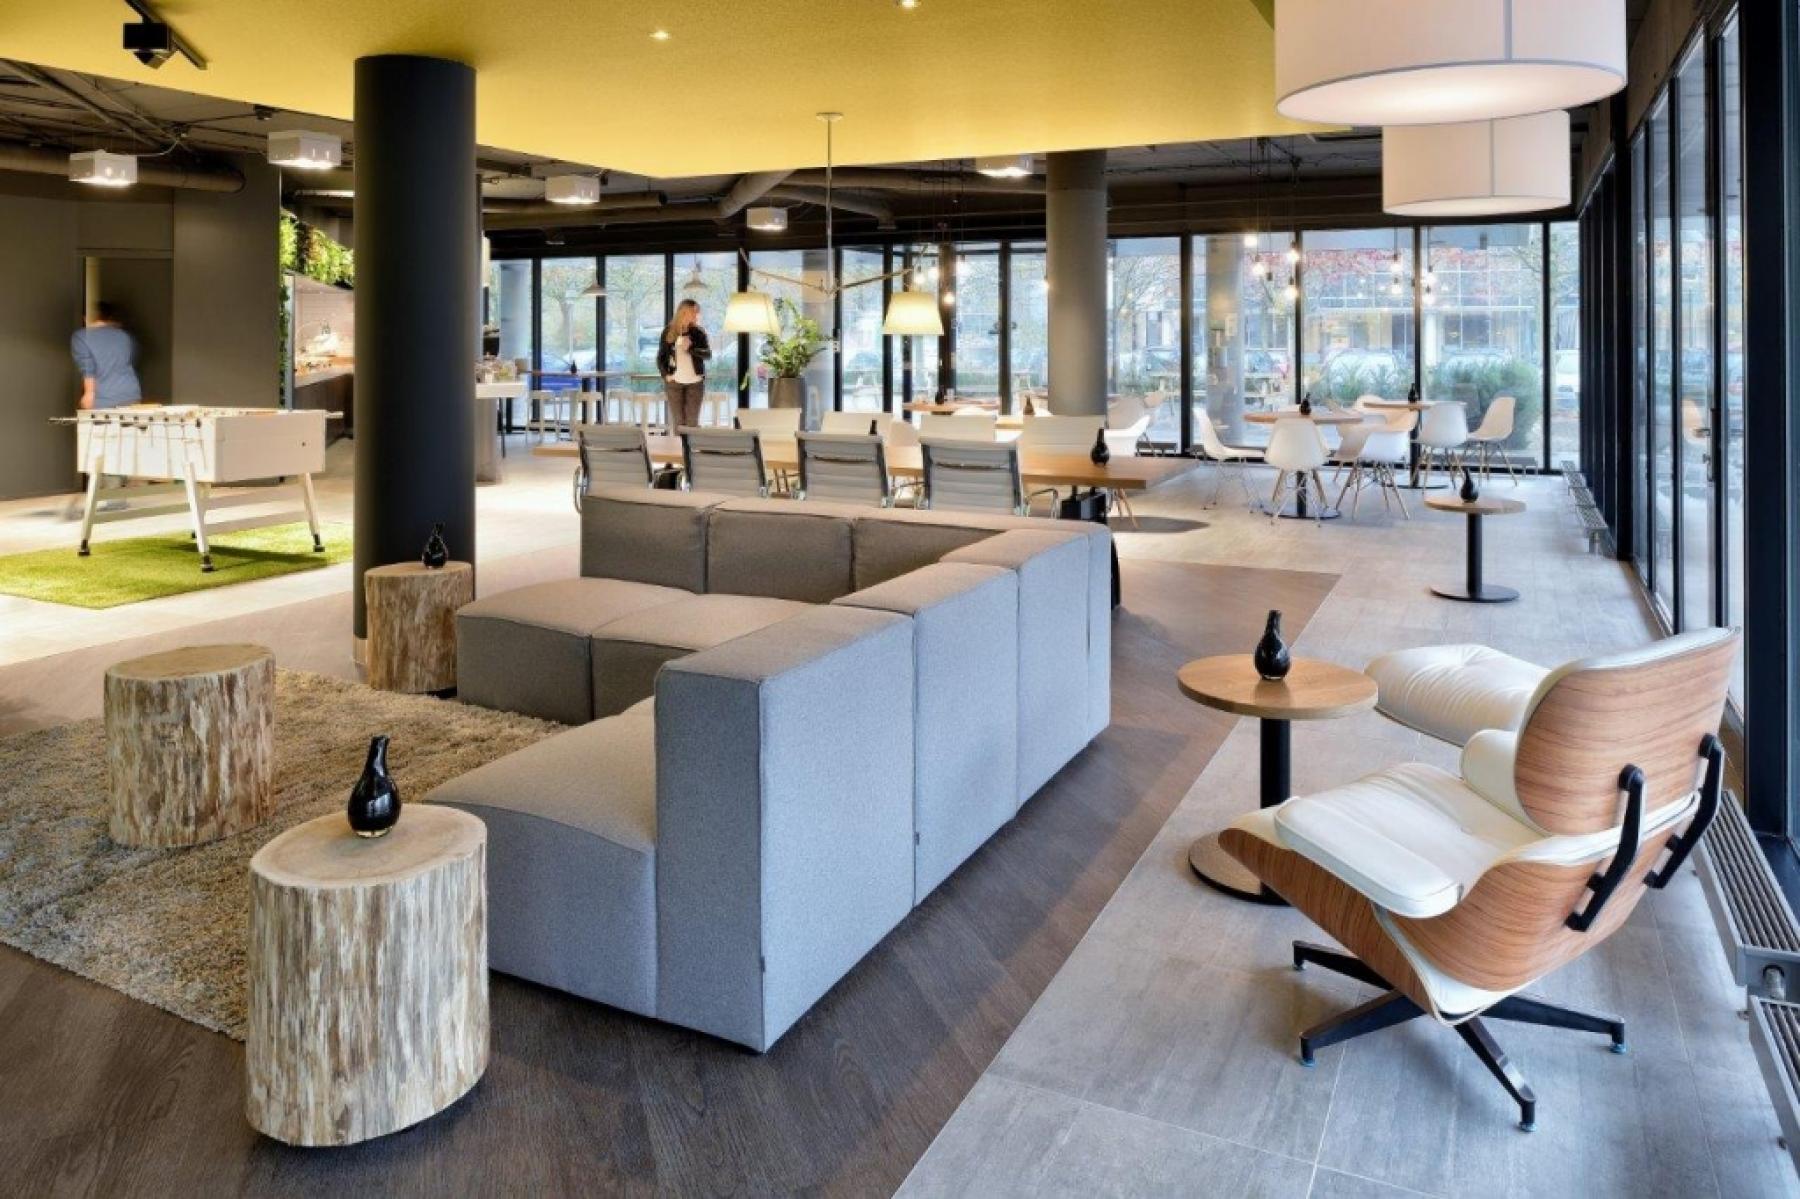 kantoorgebouw amsterdam zuidoost loungeruimte ontspanning banken tafels stoelen lezen tafelvoetbal